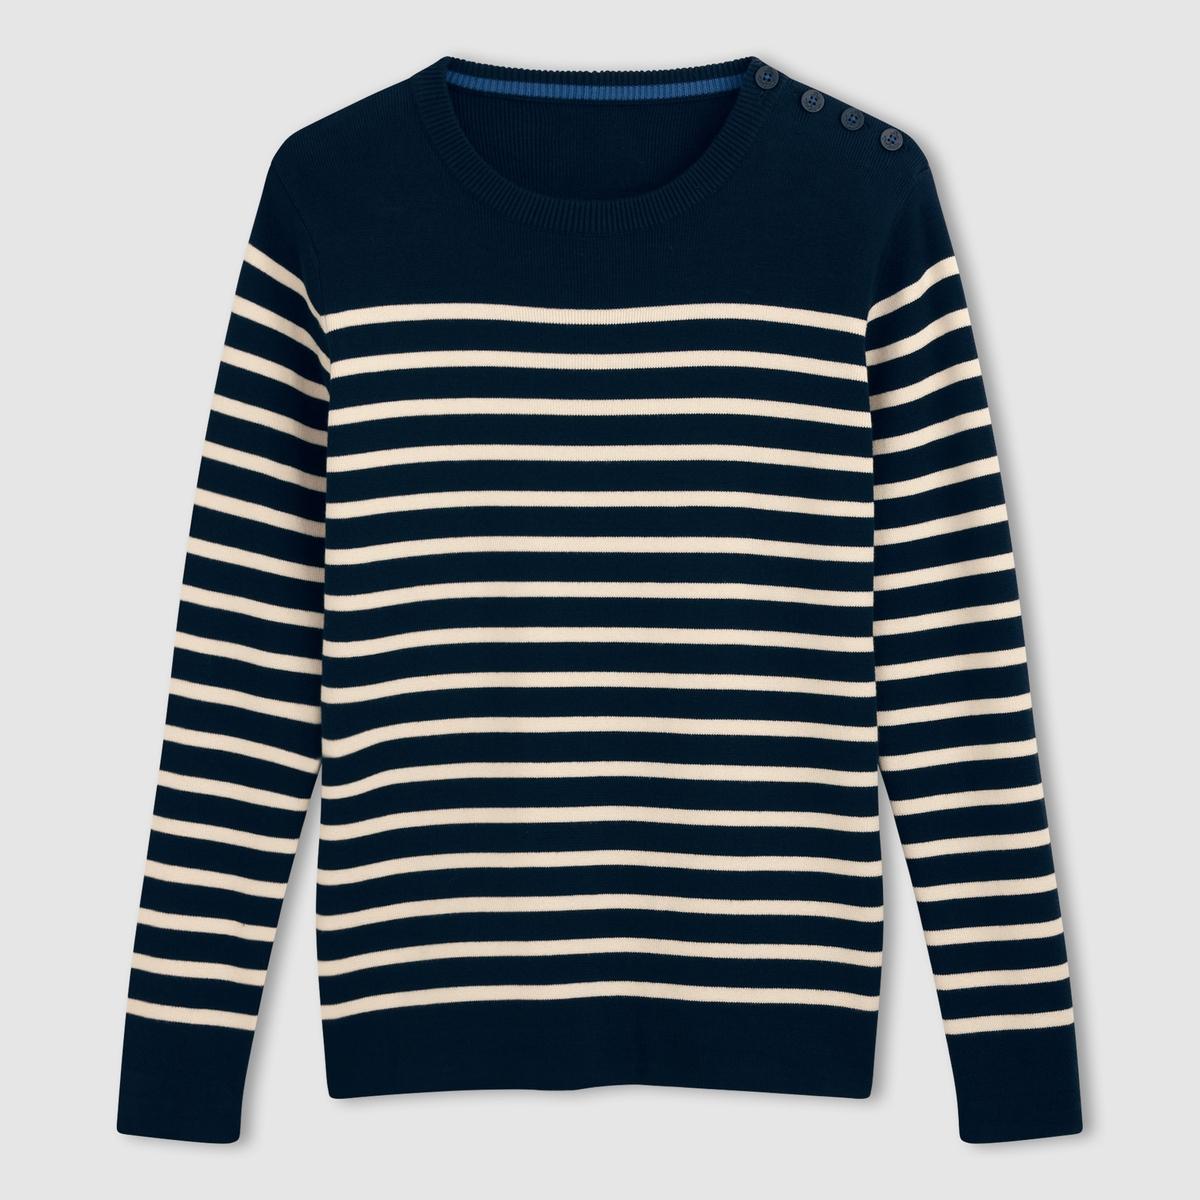 Пуловер в полоску 100% хлопка, с круглым вырезом и пуговицами на плечахПуловер из трикотажа, 100% хлопка . Круглый вырез, пуговицы на плечах . Длинные рукава . Края выреза, манжет и низа связаны в рубчик . Длина 70 см .<br><br>Цвет: темно-синий в полоску экрю